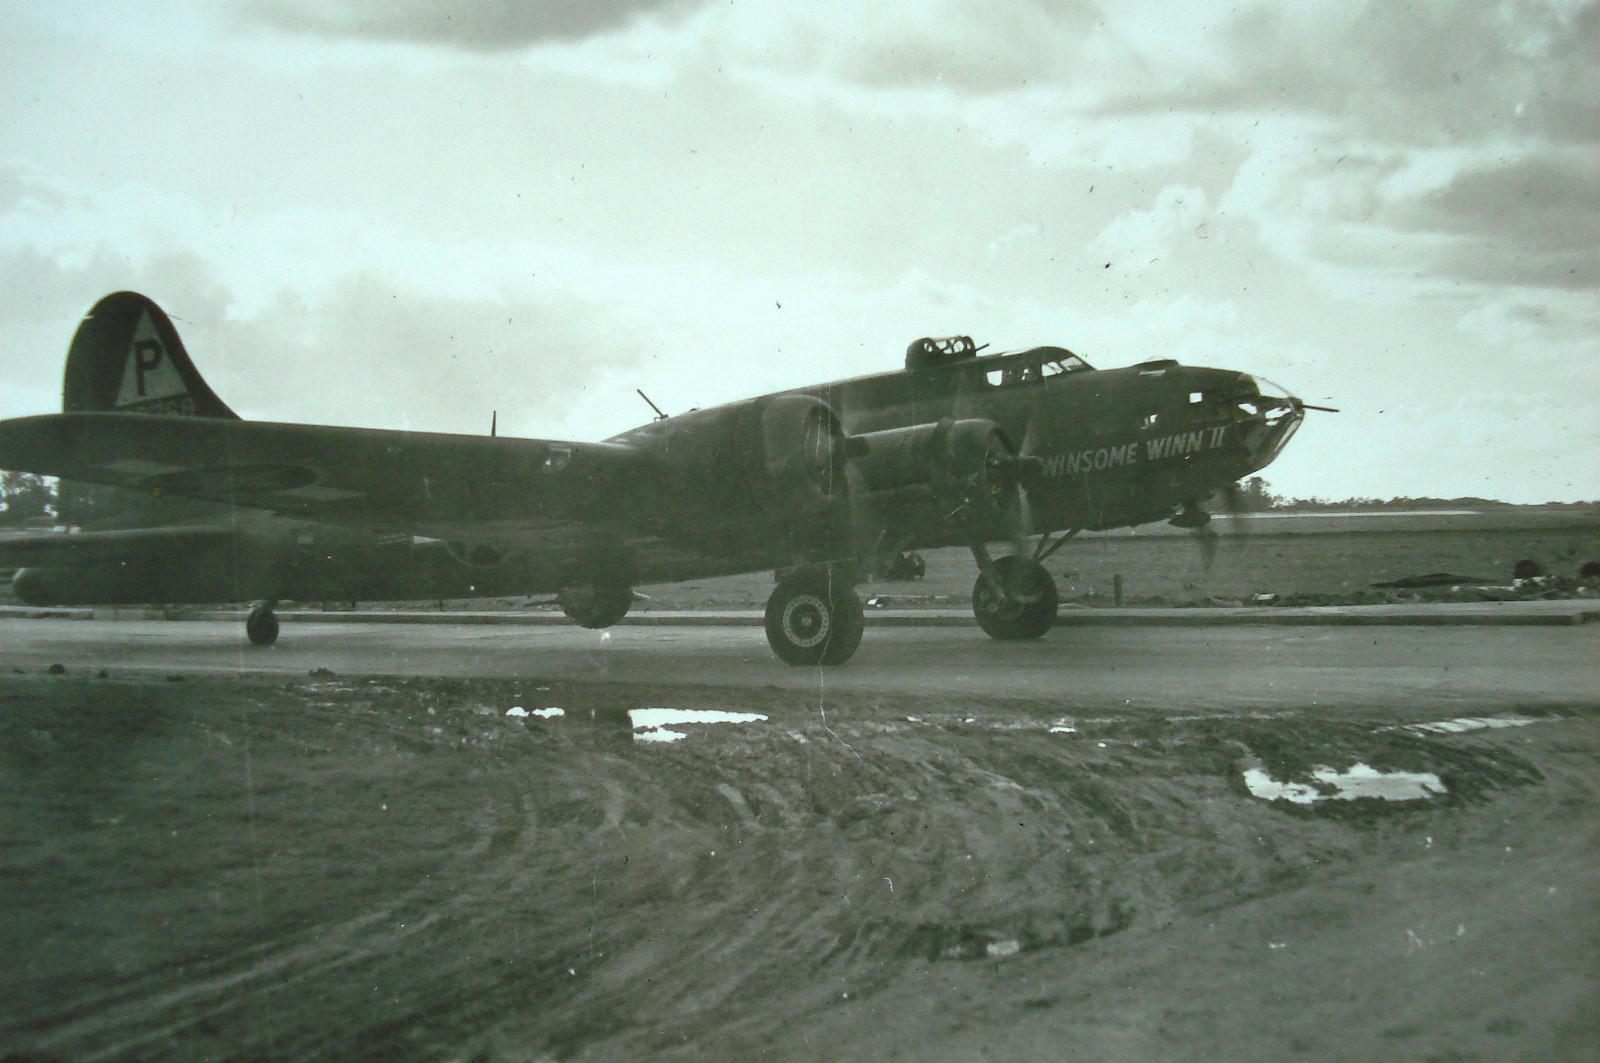 B-17 #42-29768 / Winsome Winn II